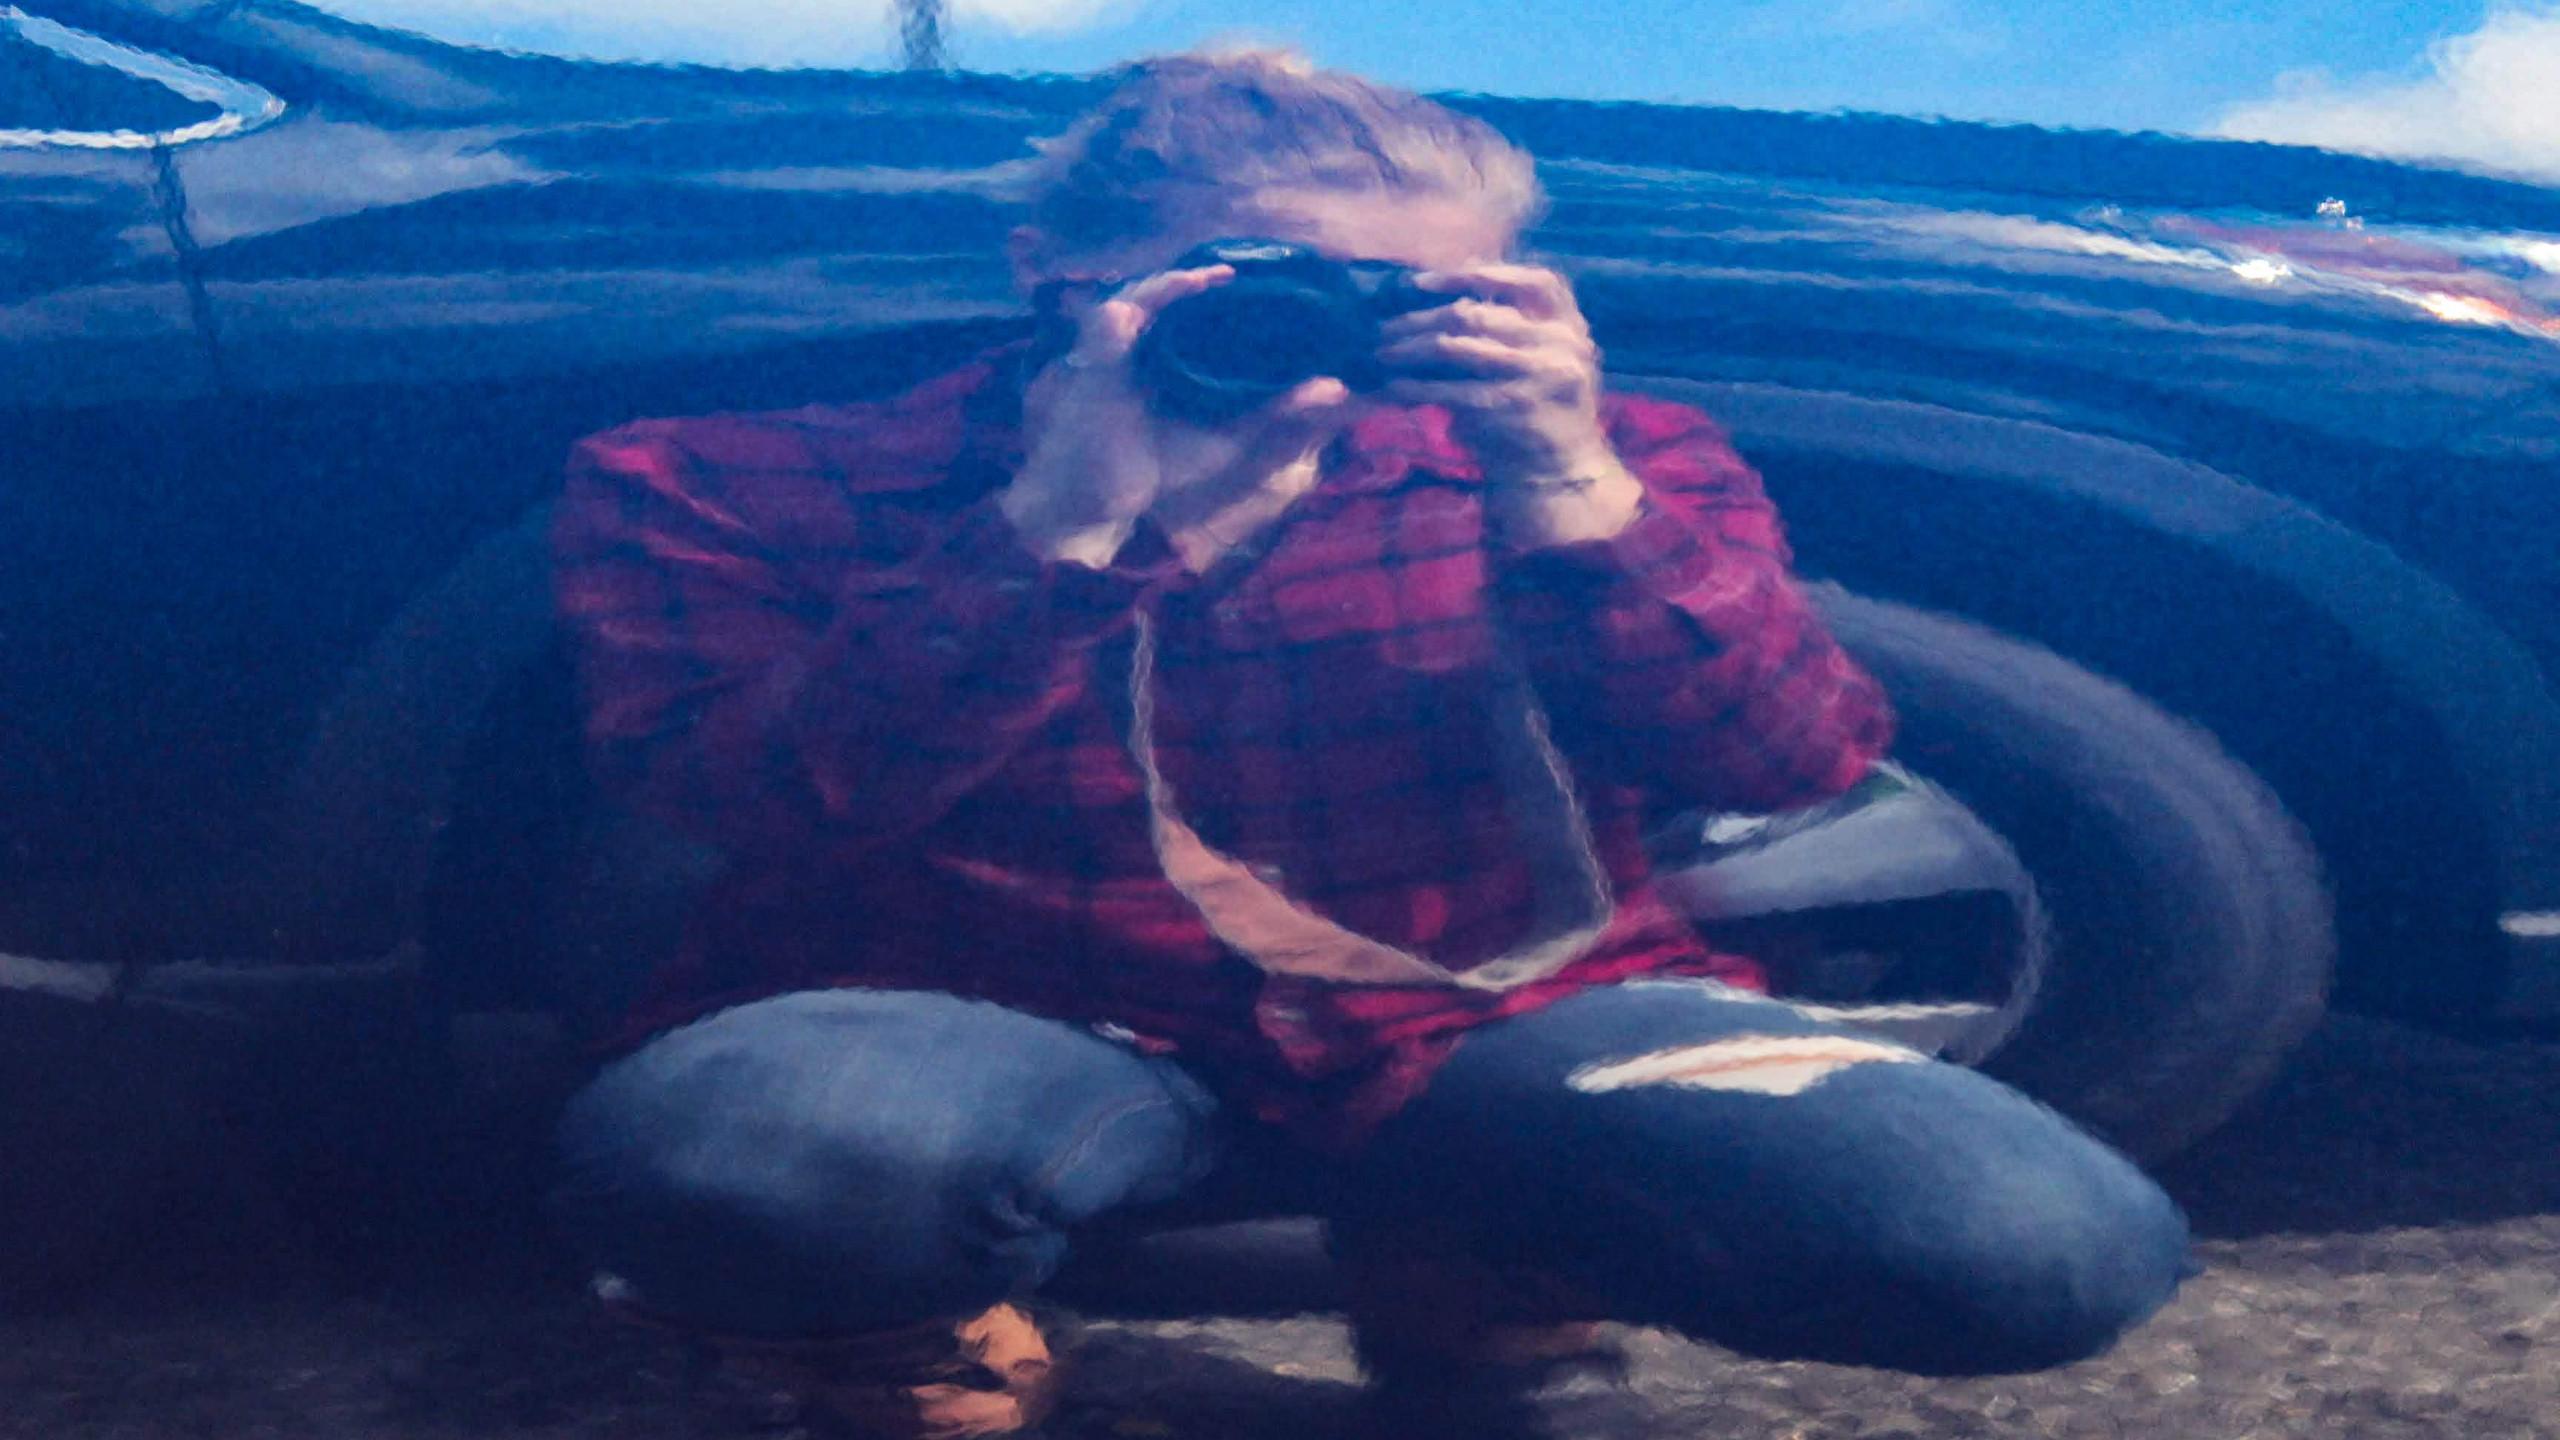 Self-Portrait in a Car Dealership (F